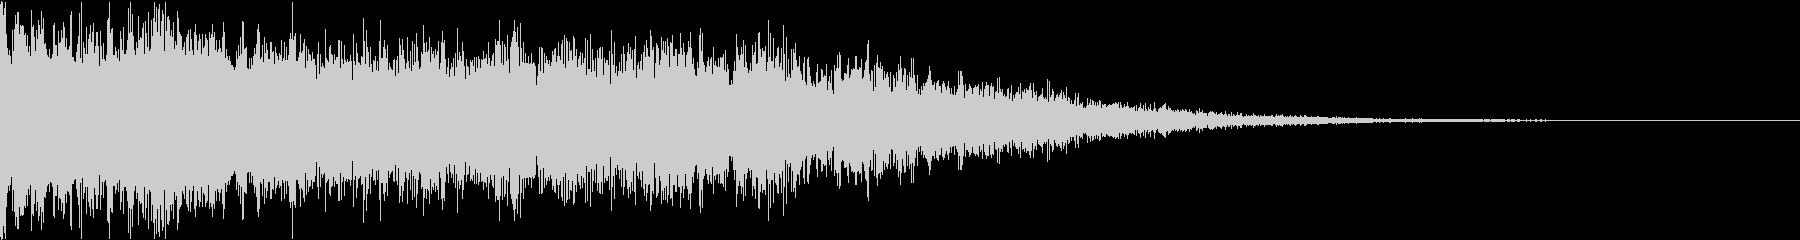 シネマティック・迫力・インパクトbの未再生の波形